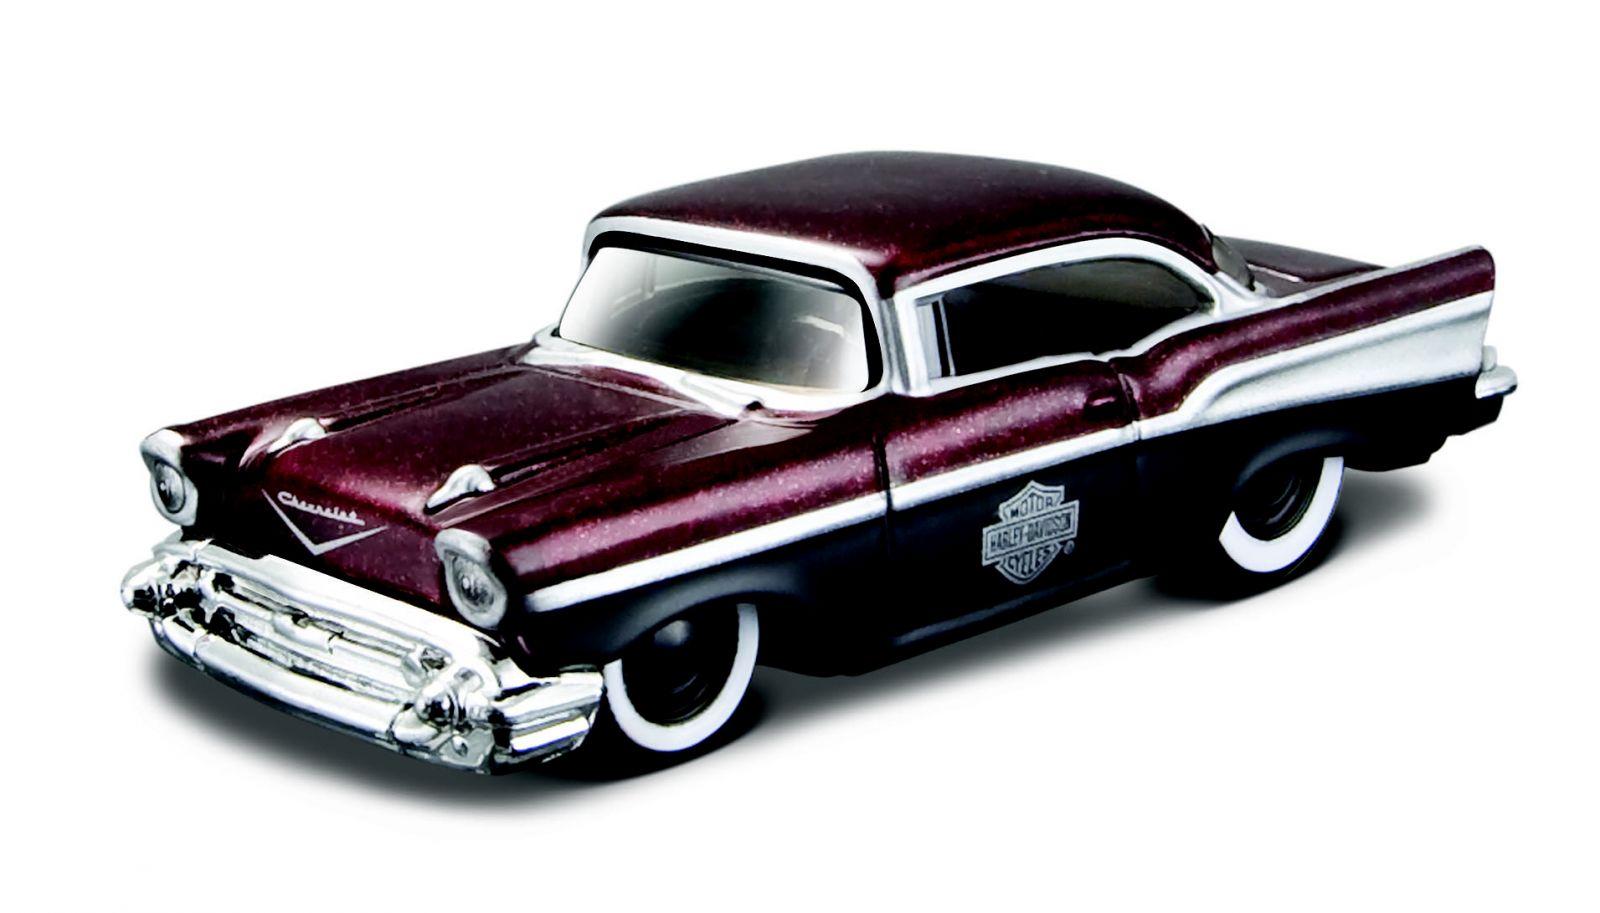 Maisto 1:64 11380 HD - Chevrolet Bel Air 1957 - vínová barva